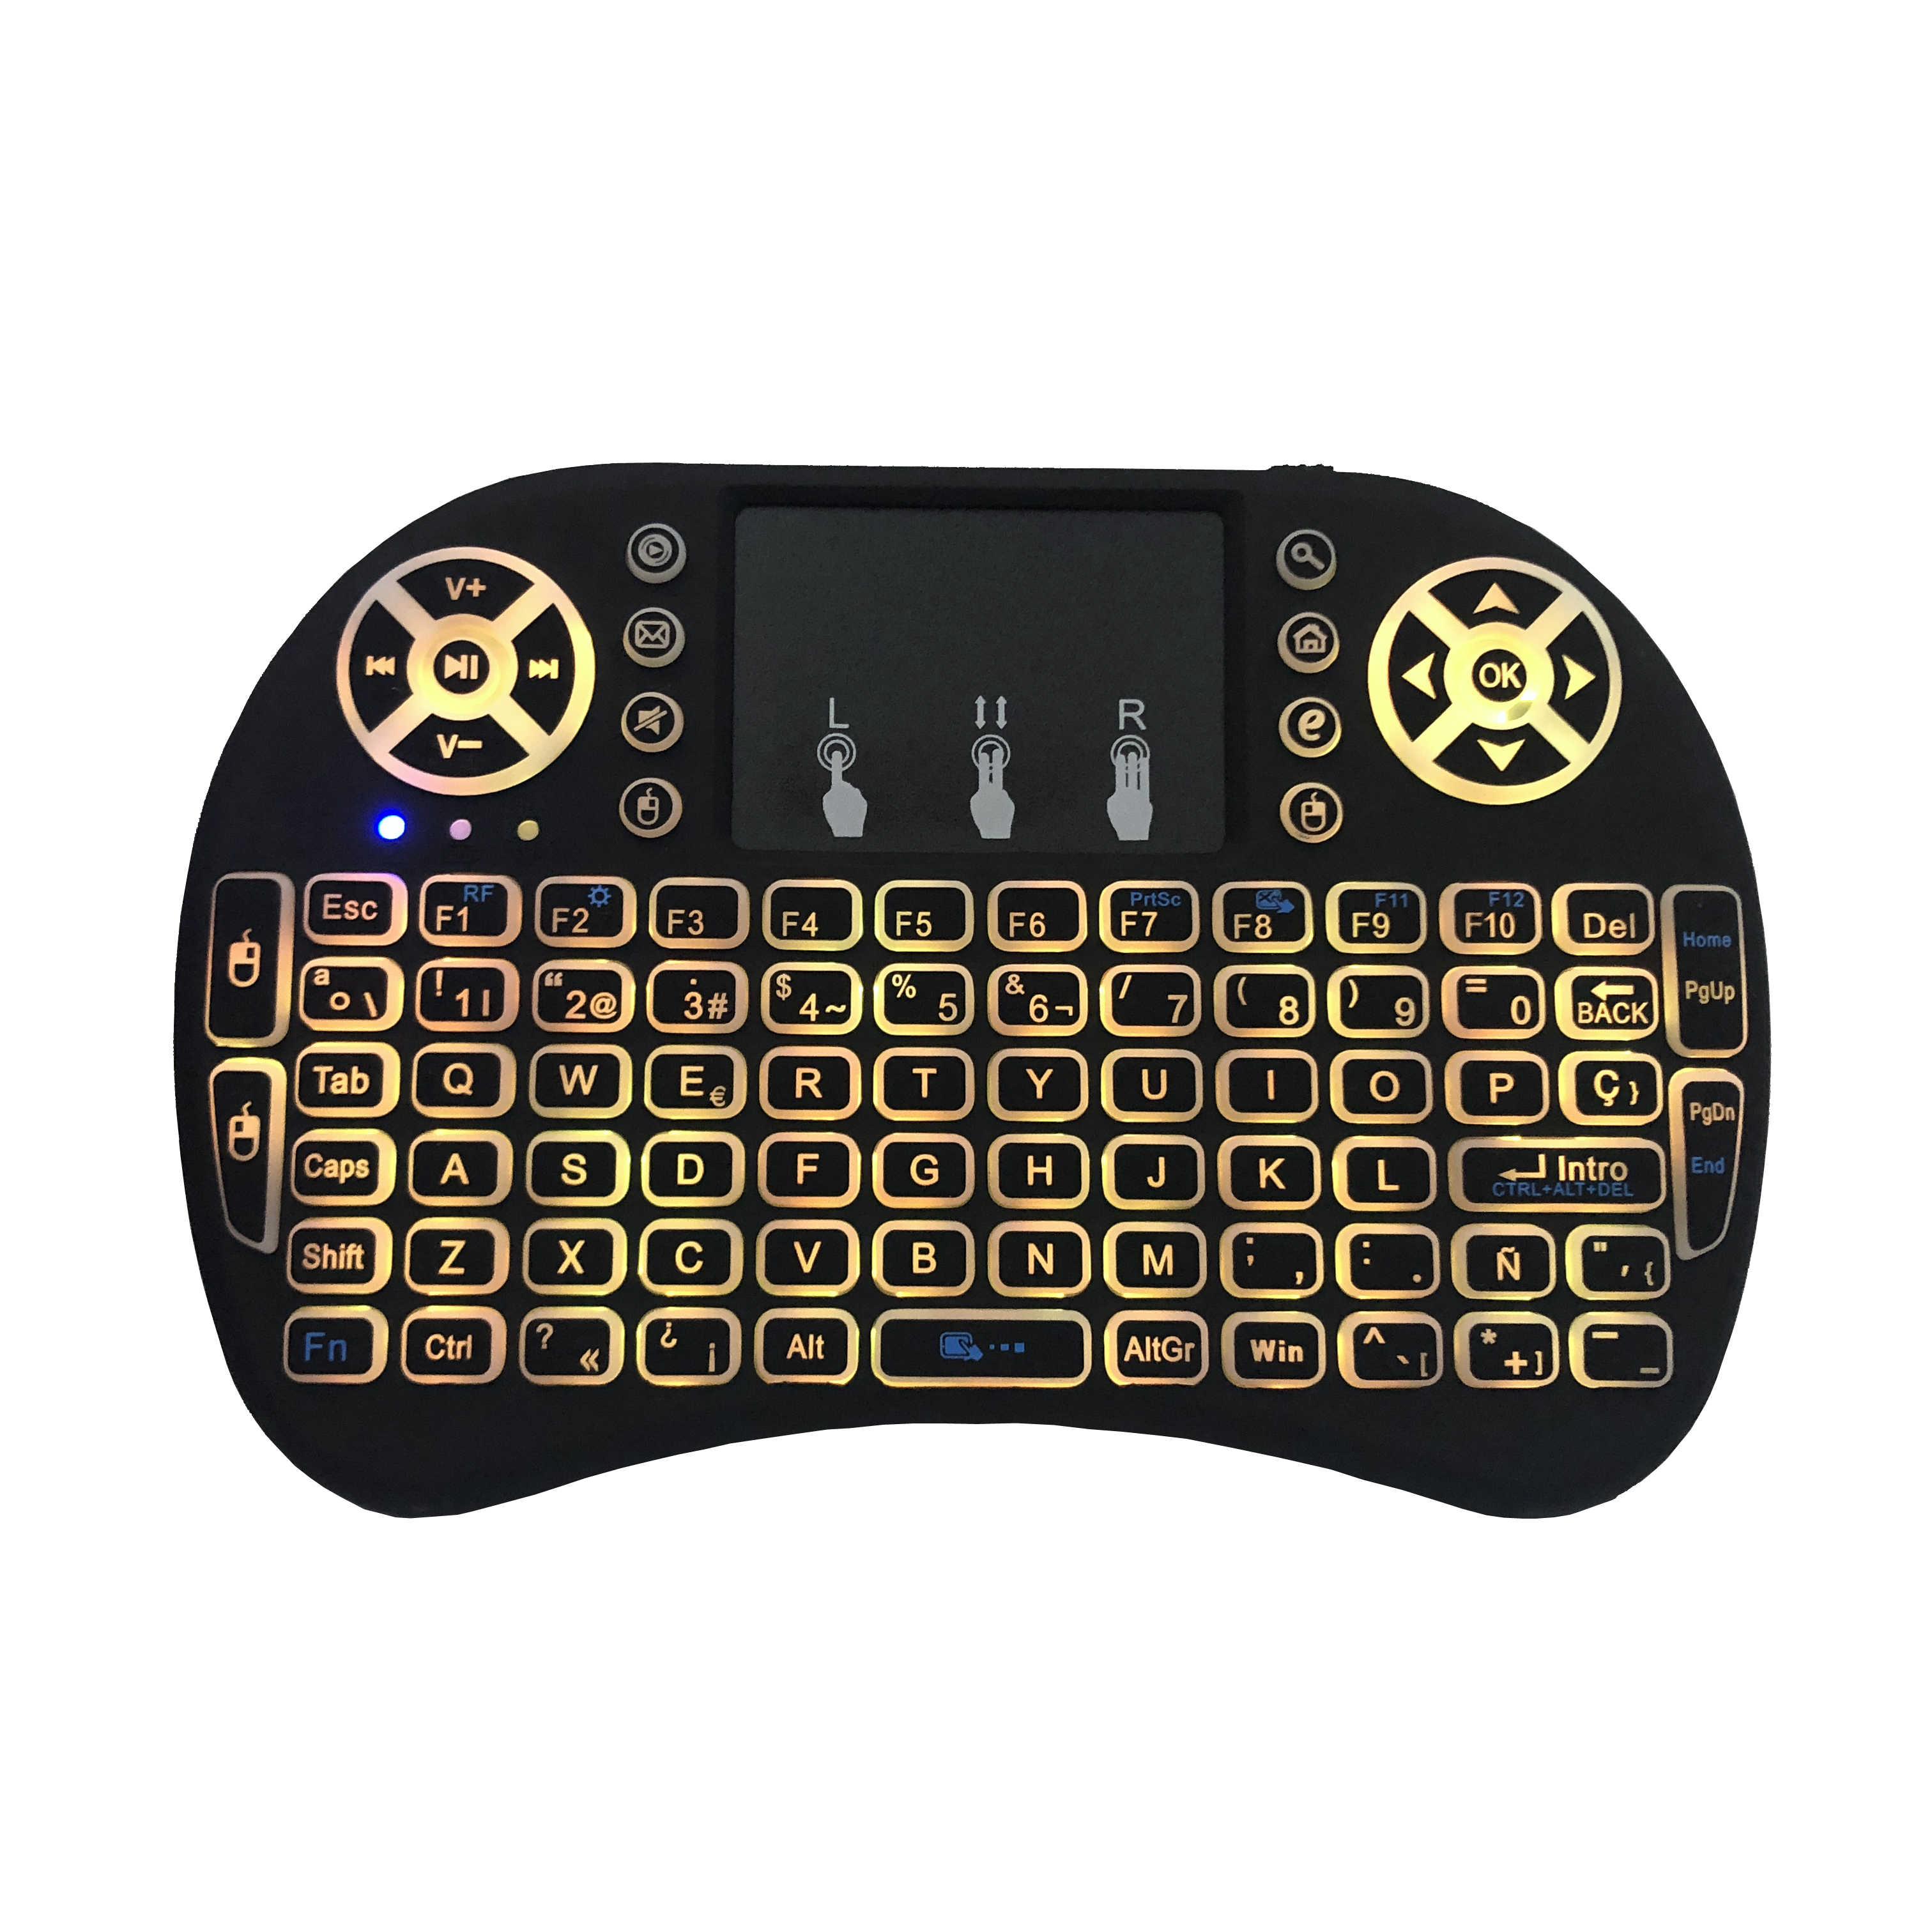 Spaans I8 Mini Toetsenbord 3 Kleur Backlit I8 + Lithium Batterij Backlight Air Muis Afstandsbediening Touchpad Handheld Tv Box laptop